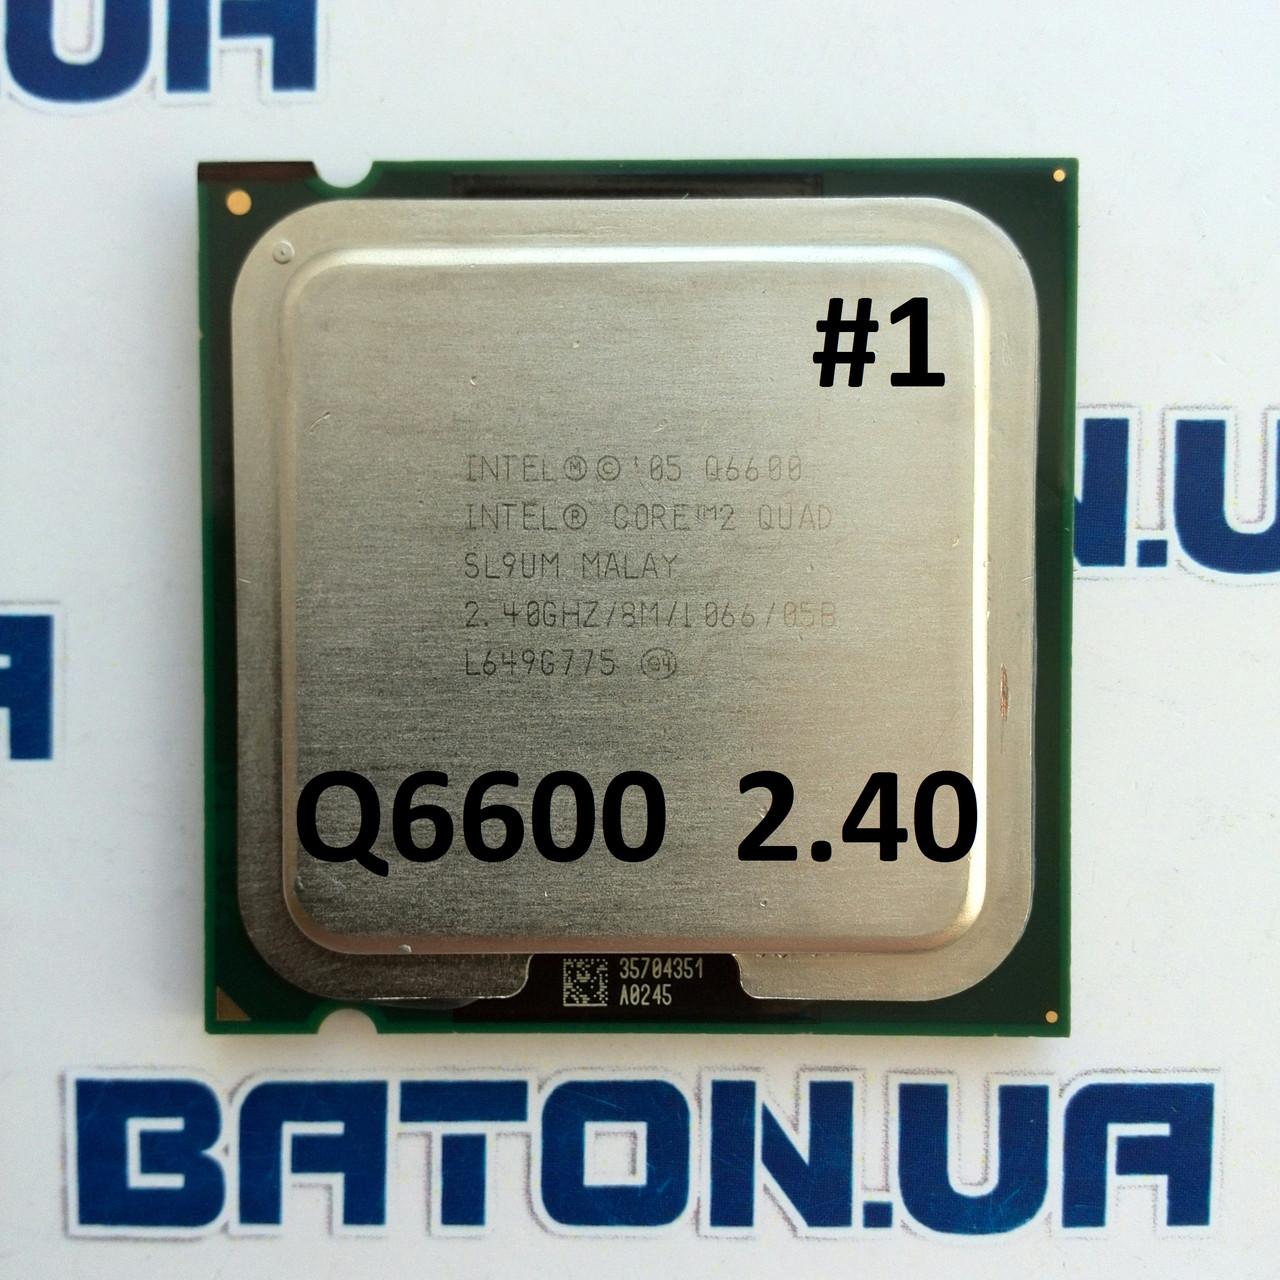 1 Intel Core2 Quad Q6600 24ghz 8m Cache 1066 Mhz Processor Core 2 Fsb Soket 775